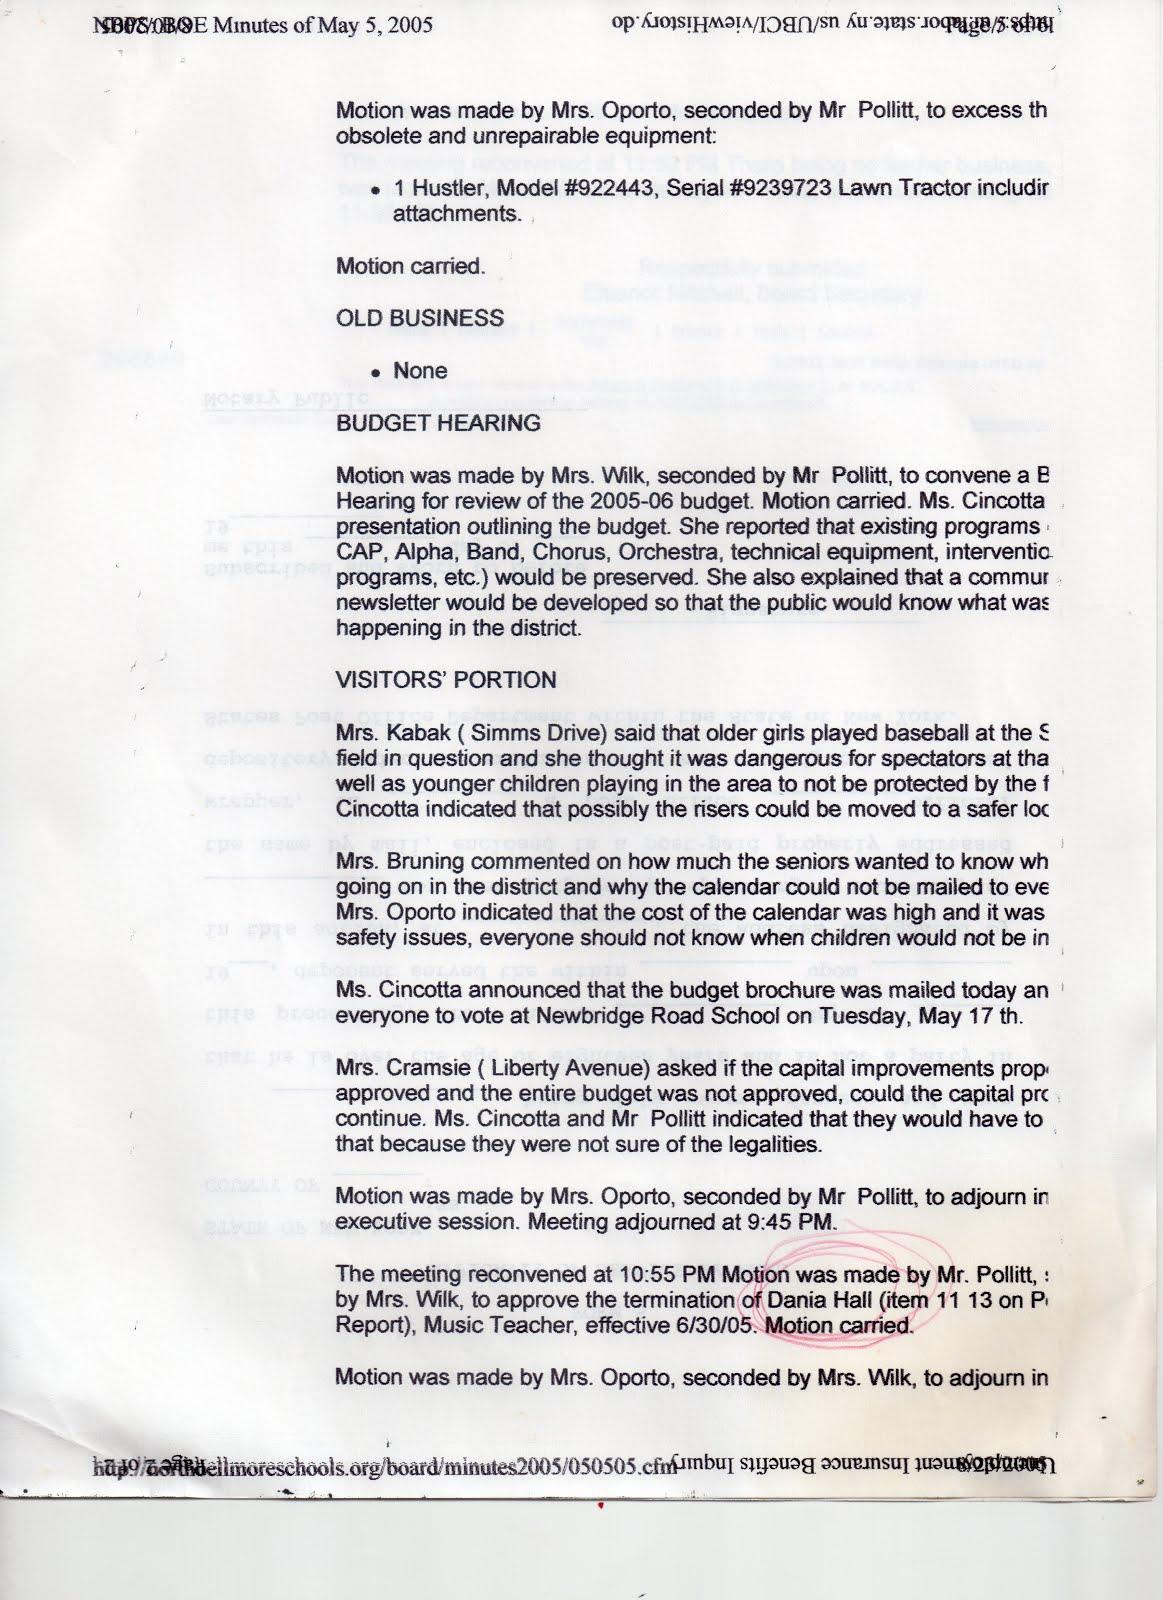 May 5, 2005 Board Mtg - page 5